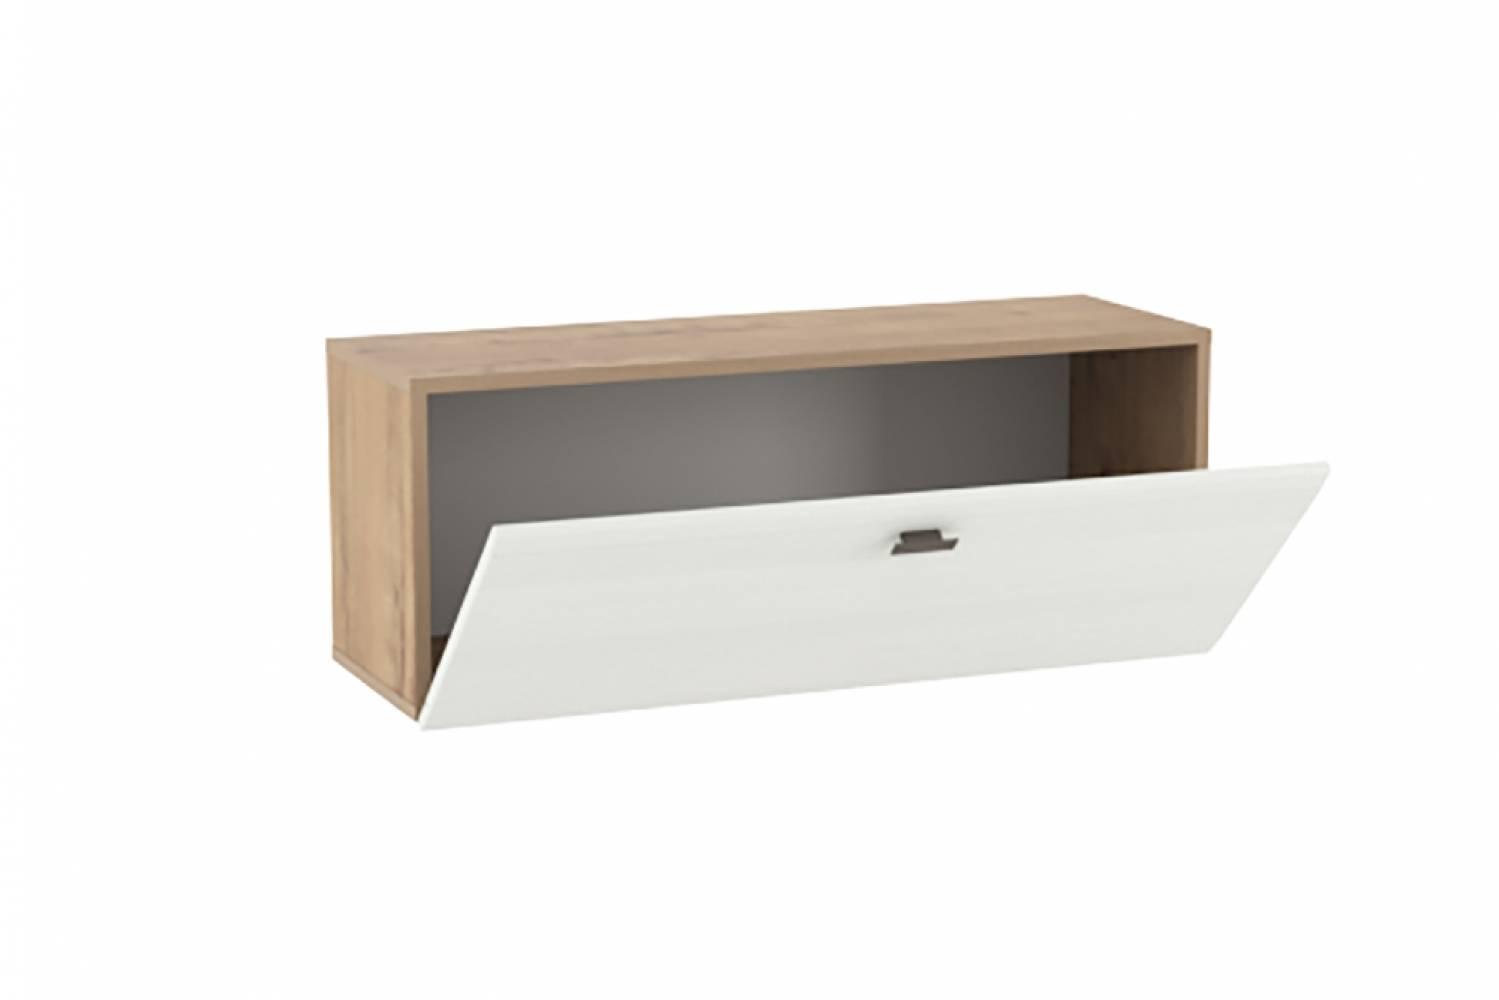 Шкаф навесной (открывание вниз) НМ 014.21-01 SNOW WOOD (Дуб Бунратти/Белое дерево)